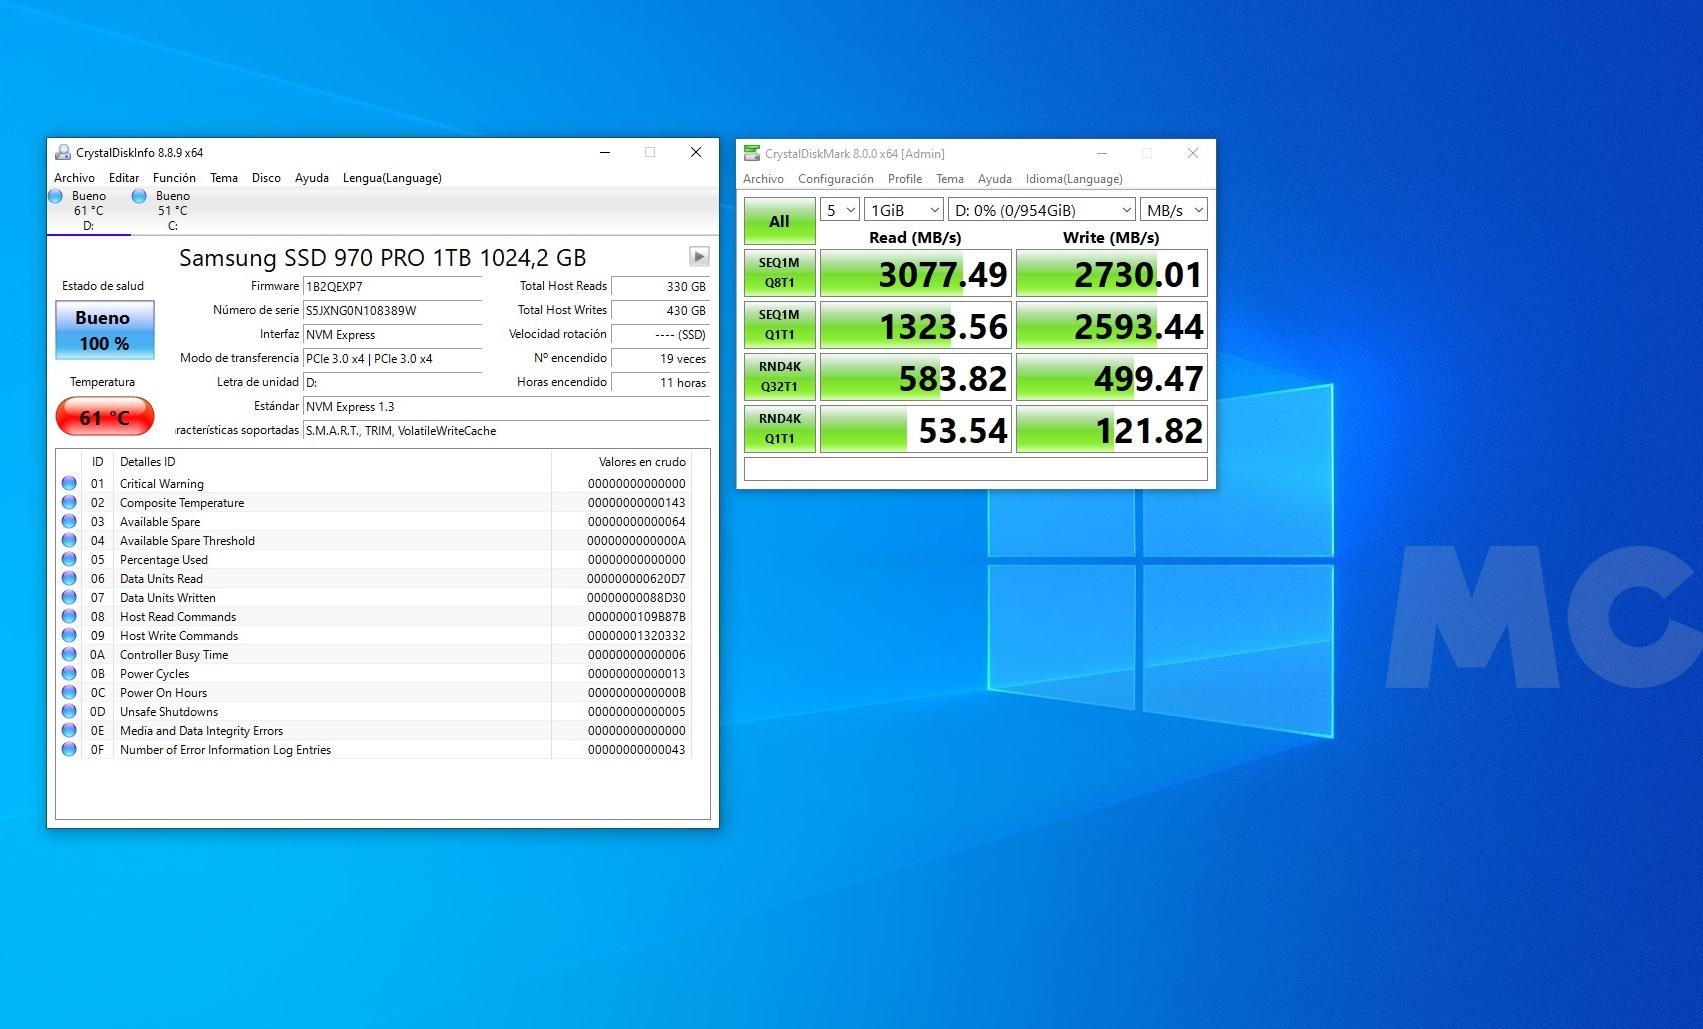 Intel NUC 9 Extreme Kit, análisis: potencia y tamaño no están reñidos 57